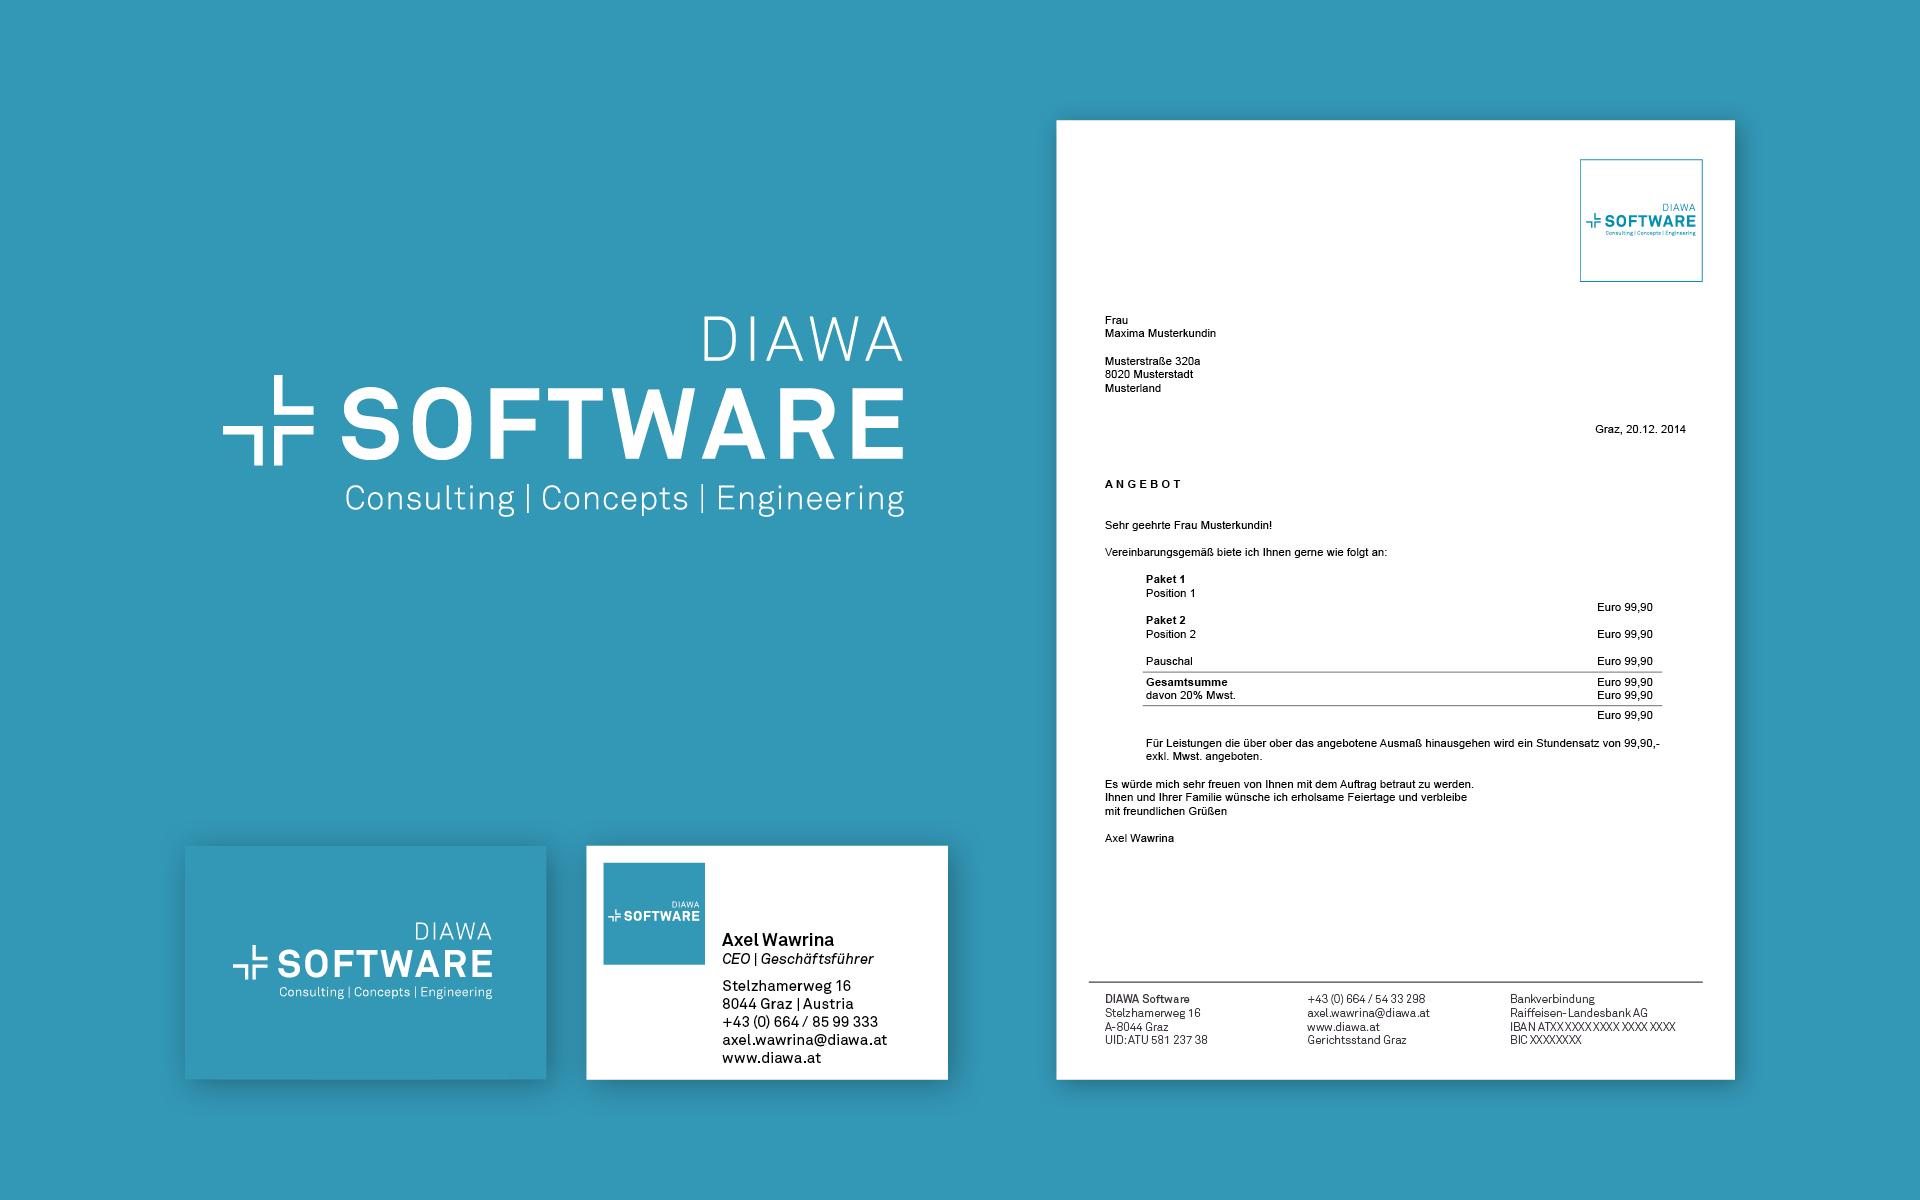 Erscheinungsbild für DIAWA Interiors und DIAWA Software von der Designagentur look! design